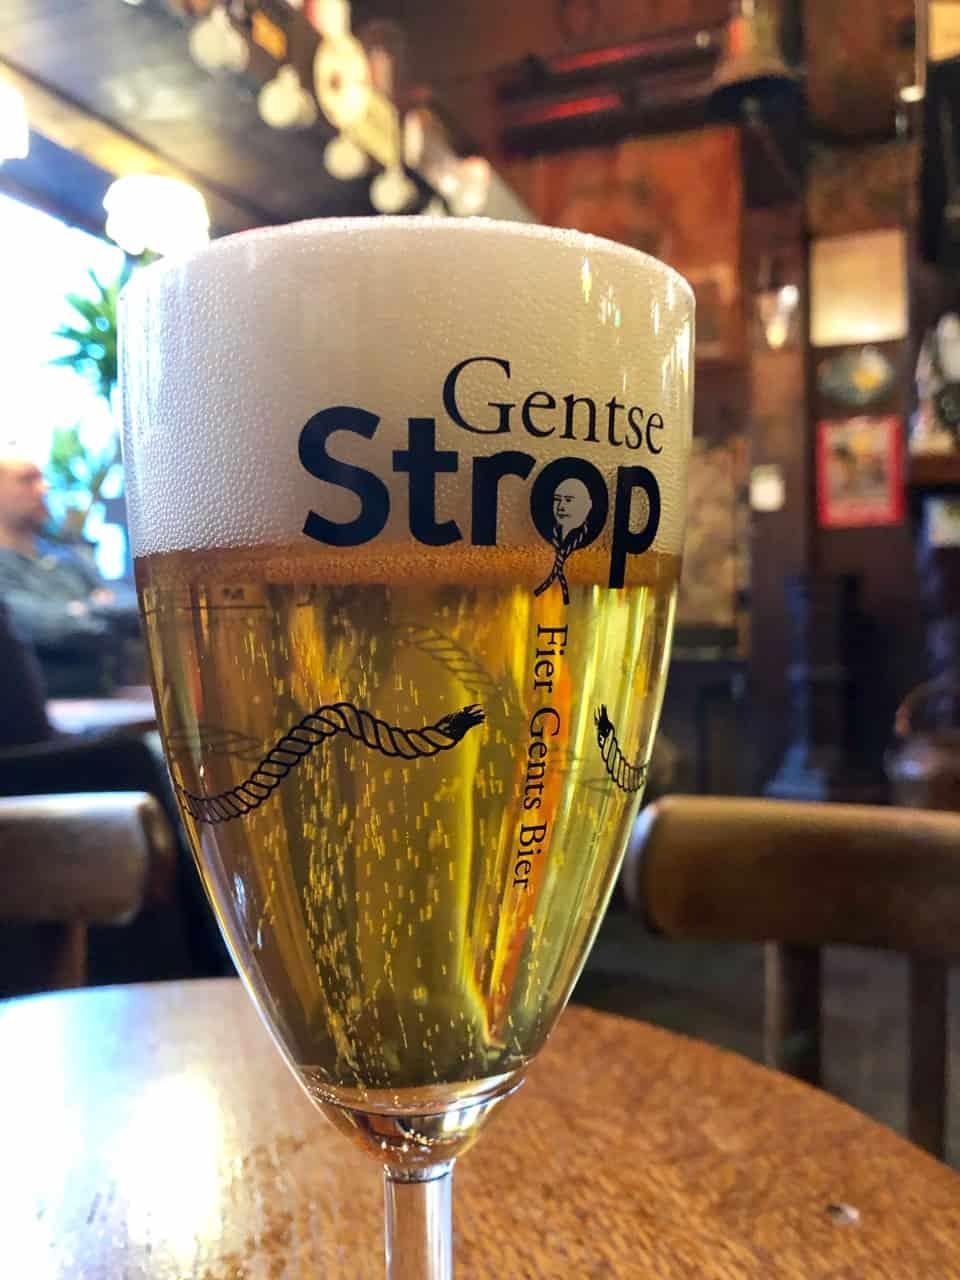 gentse-strop-beer-photo